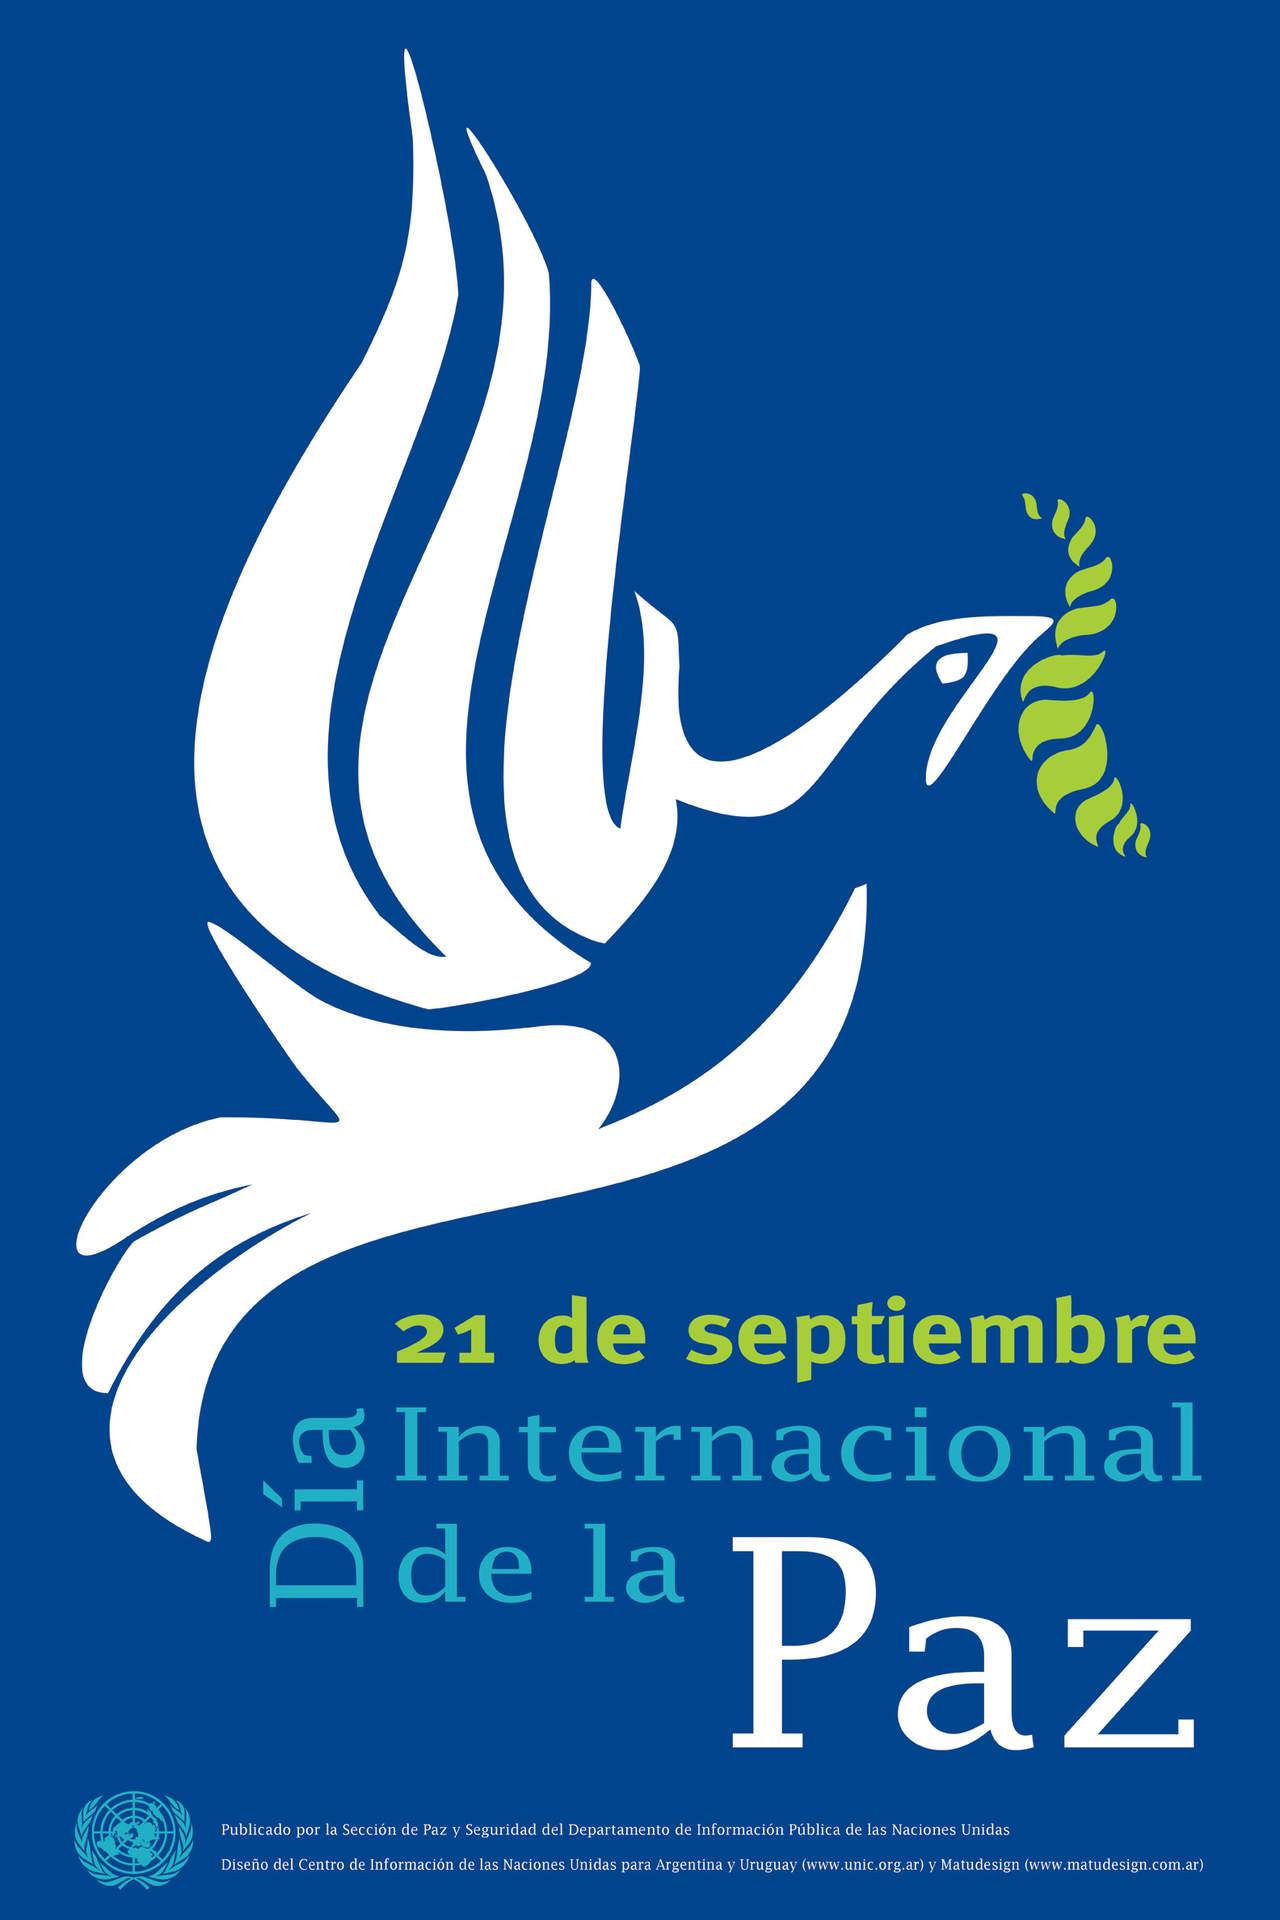 2002: El Día Internacional de la Paz se celebra por primera ocasión